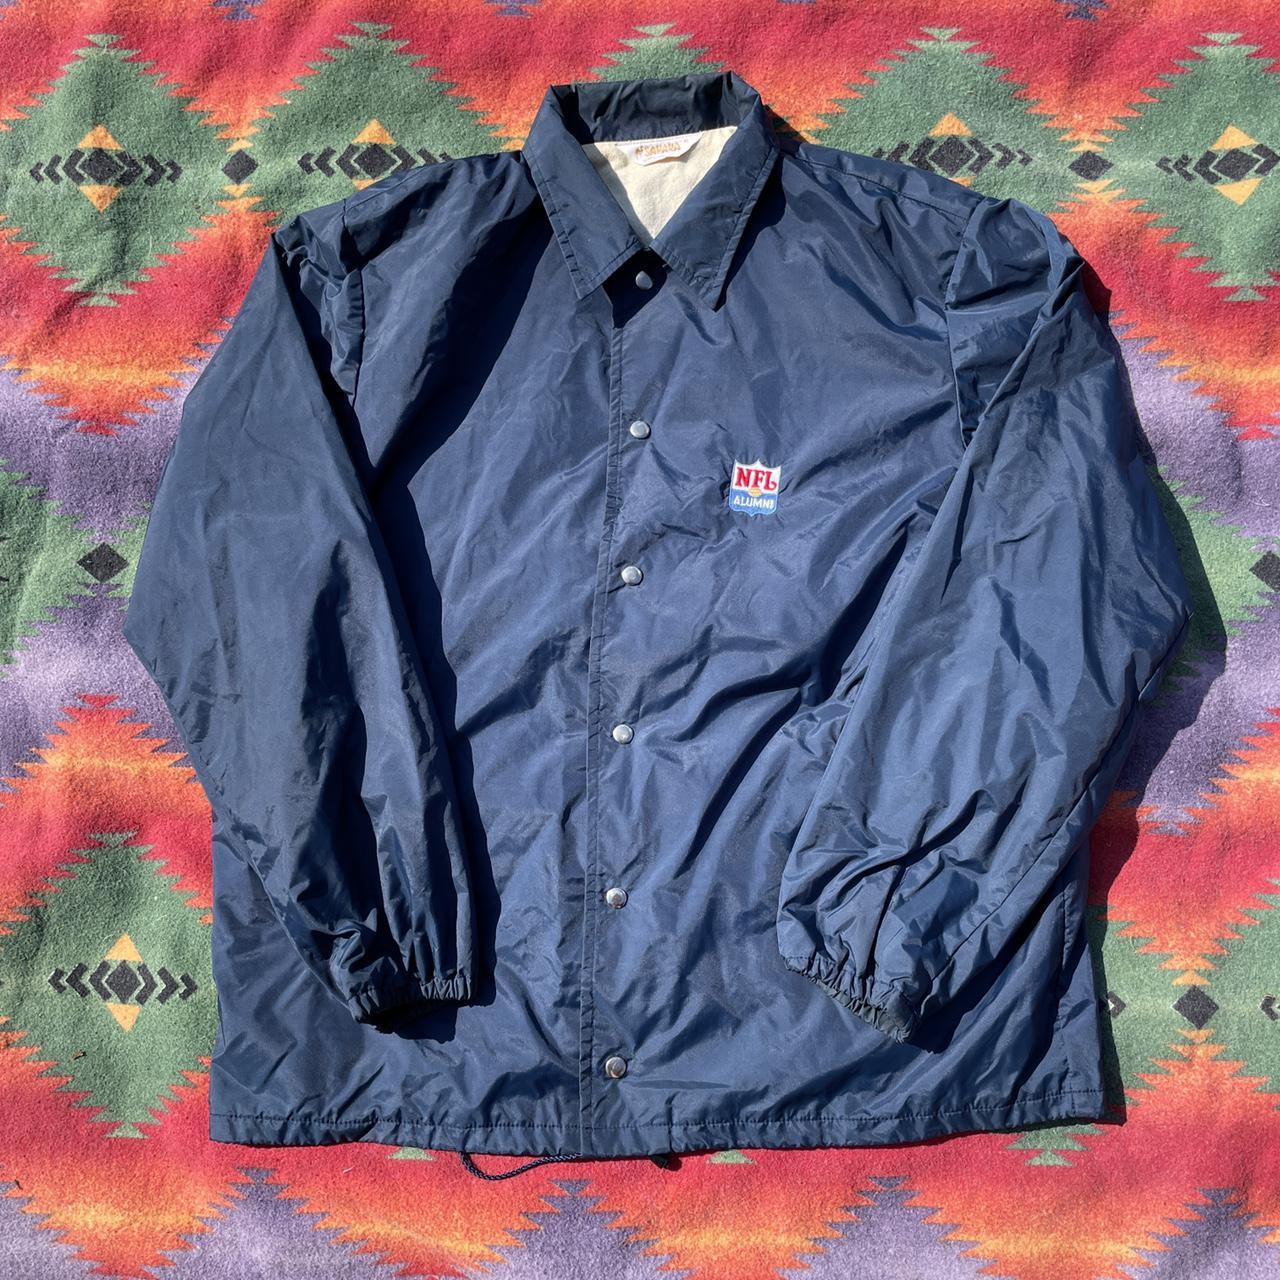 Product Image 1 - Vintage football NFL alumni jacket!